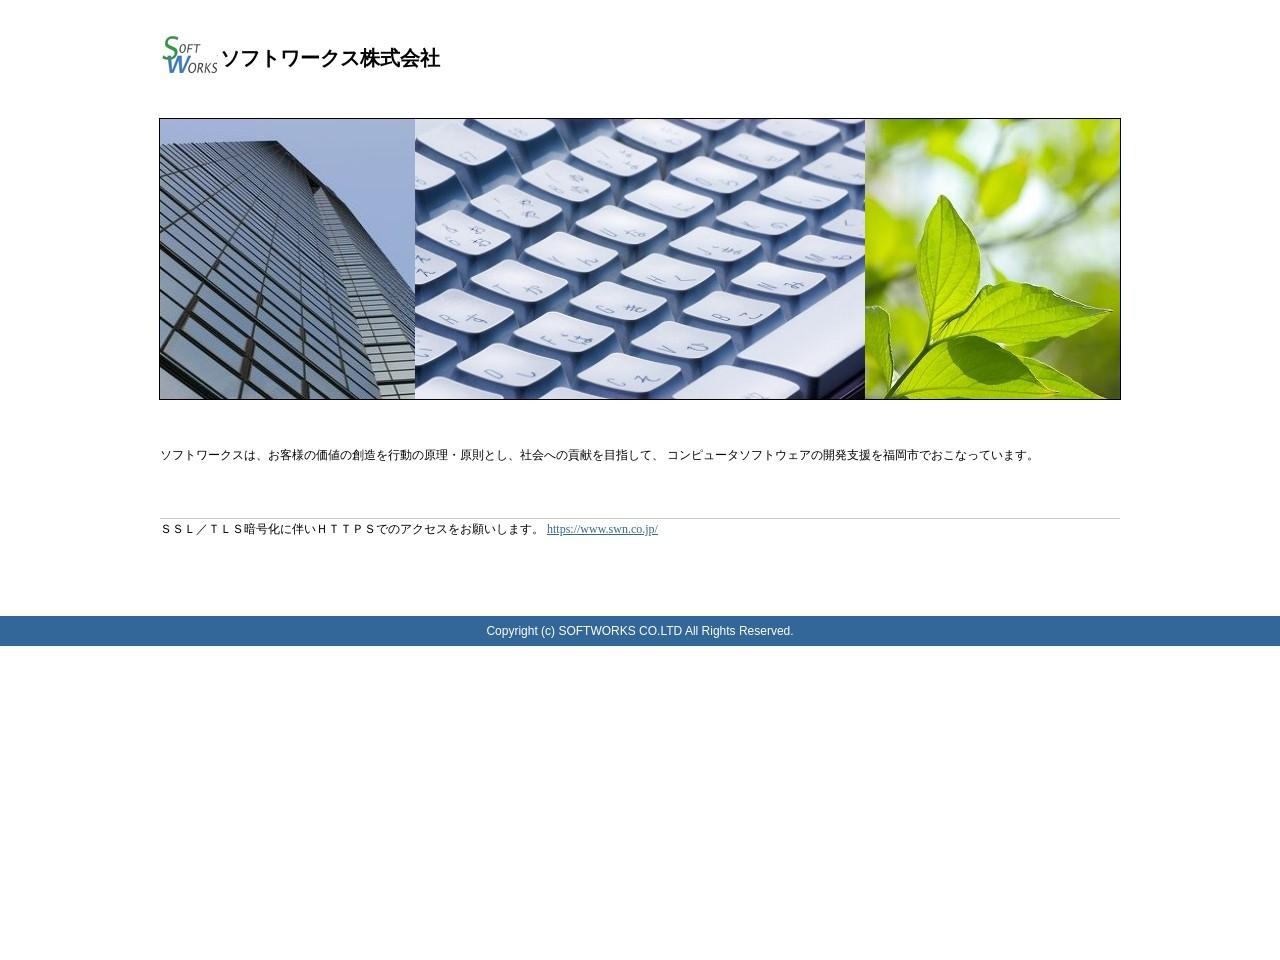 ソフトワークス株式会社